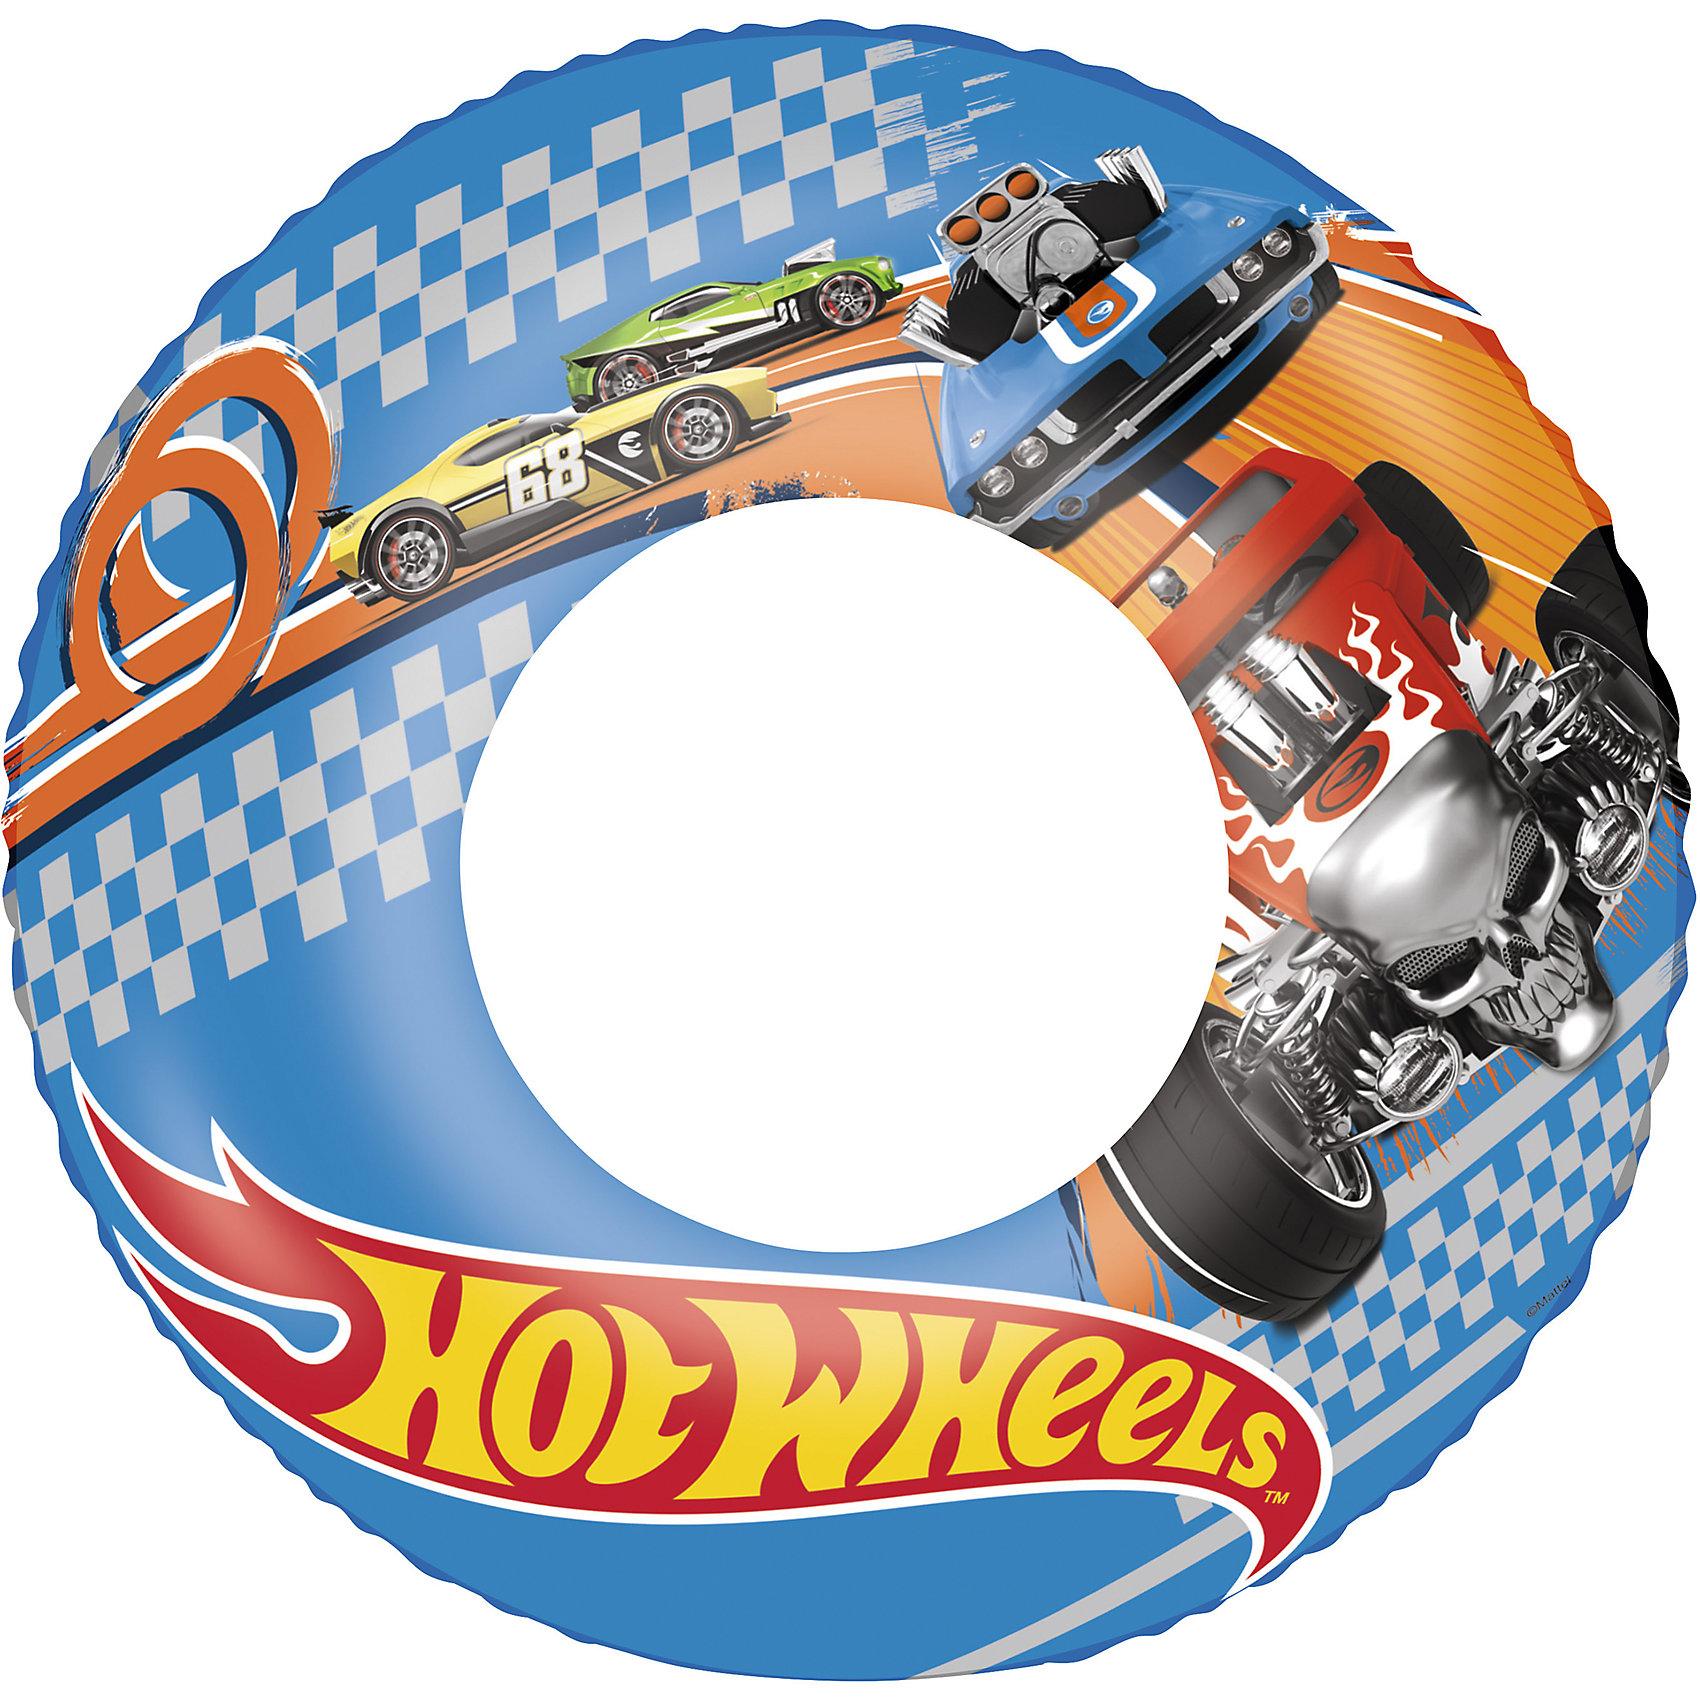 Круг для плавания, 56 см, Hot Wheels, BestwayКруги и нарукавники<br>Круг для плавания, 56 см, Hot Wheels, Bestway (Бествей)<br><br>Характеристики:<br><br>• изготовлен из прочных материалов<br>• яркий дизайн Hot Wheels<br>• диаметр: 56 см<br>• материал: ПВХ<br>• размер упаковки: 19х12х2,5 см<br>• вес: 141 грамм<br><br>Надувной круг поможет детям уверенно держаться на воде во время отдыха. Круг изготовлен из прочного ПВХ. Яркий дизайн в стиле любимых Хот Вилс порадует своей красочностью и детей, и взрослых. Диаметр круга - 56 сантиметров.<br><br>Круг для плавания, 56 см, Hot Wheels, Bestway (Бествей) вы можете купить в нашем интернет-магазине.<br><br>Ширина мм: 360<br>Глубина мм: 290<br>Высота мм: 260<br>Вес г: 141<br>Возраст от месяцев: 36<br>Возраст до месяцев: 72<br>Пол: Мужской<br>Возраст: Детский<br>SKU: 5486975